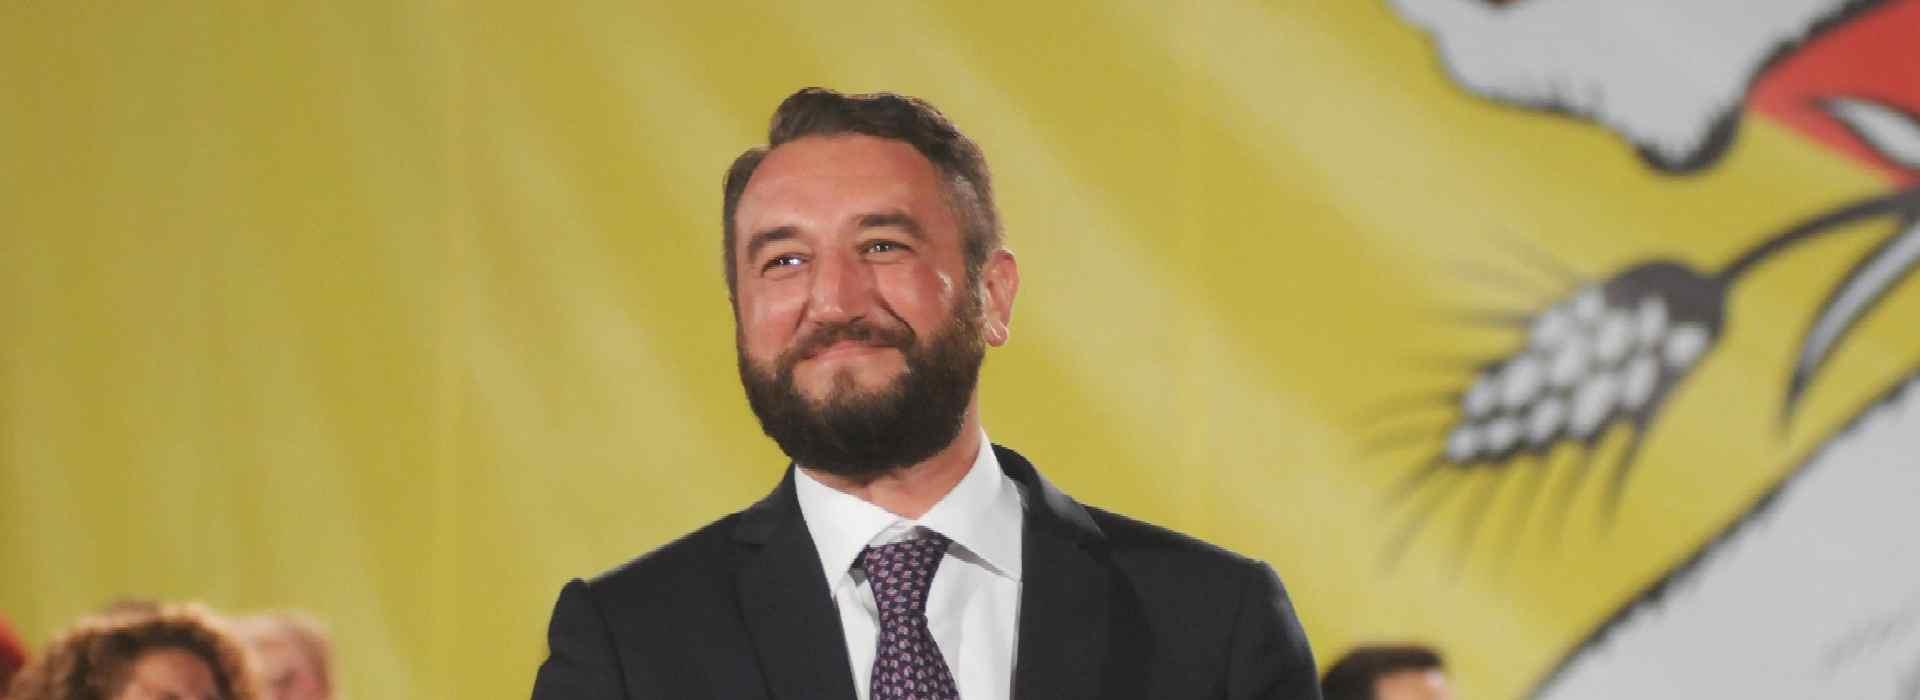 Insulti, lancio di ortaggi e uova a Giancarlo Cancelleri (M5S). Il sottosegretario scappa con la scorta